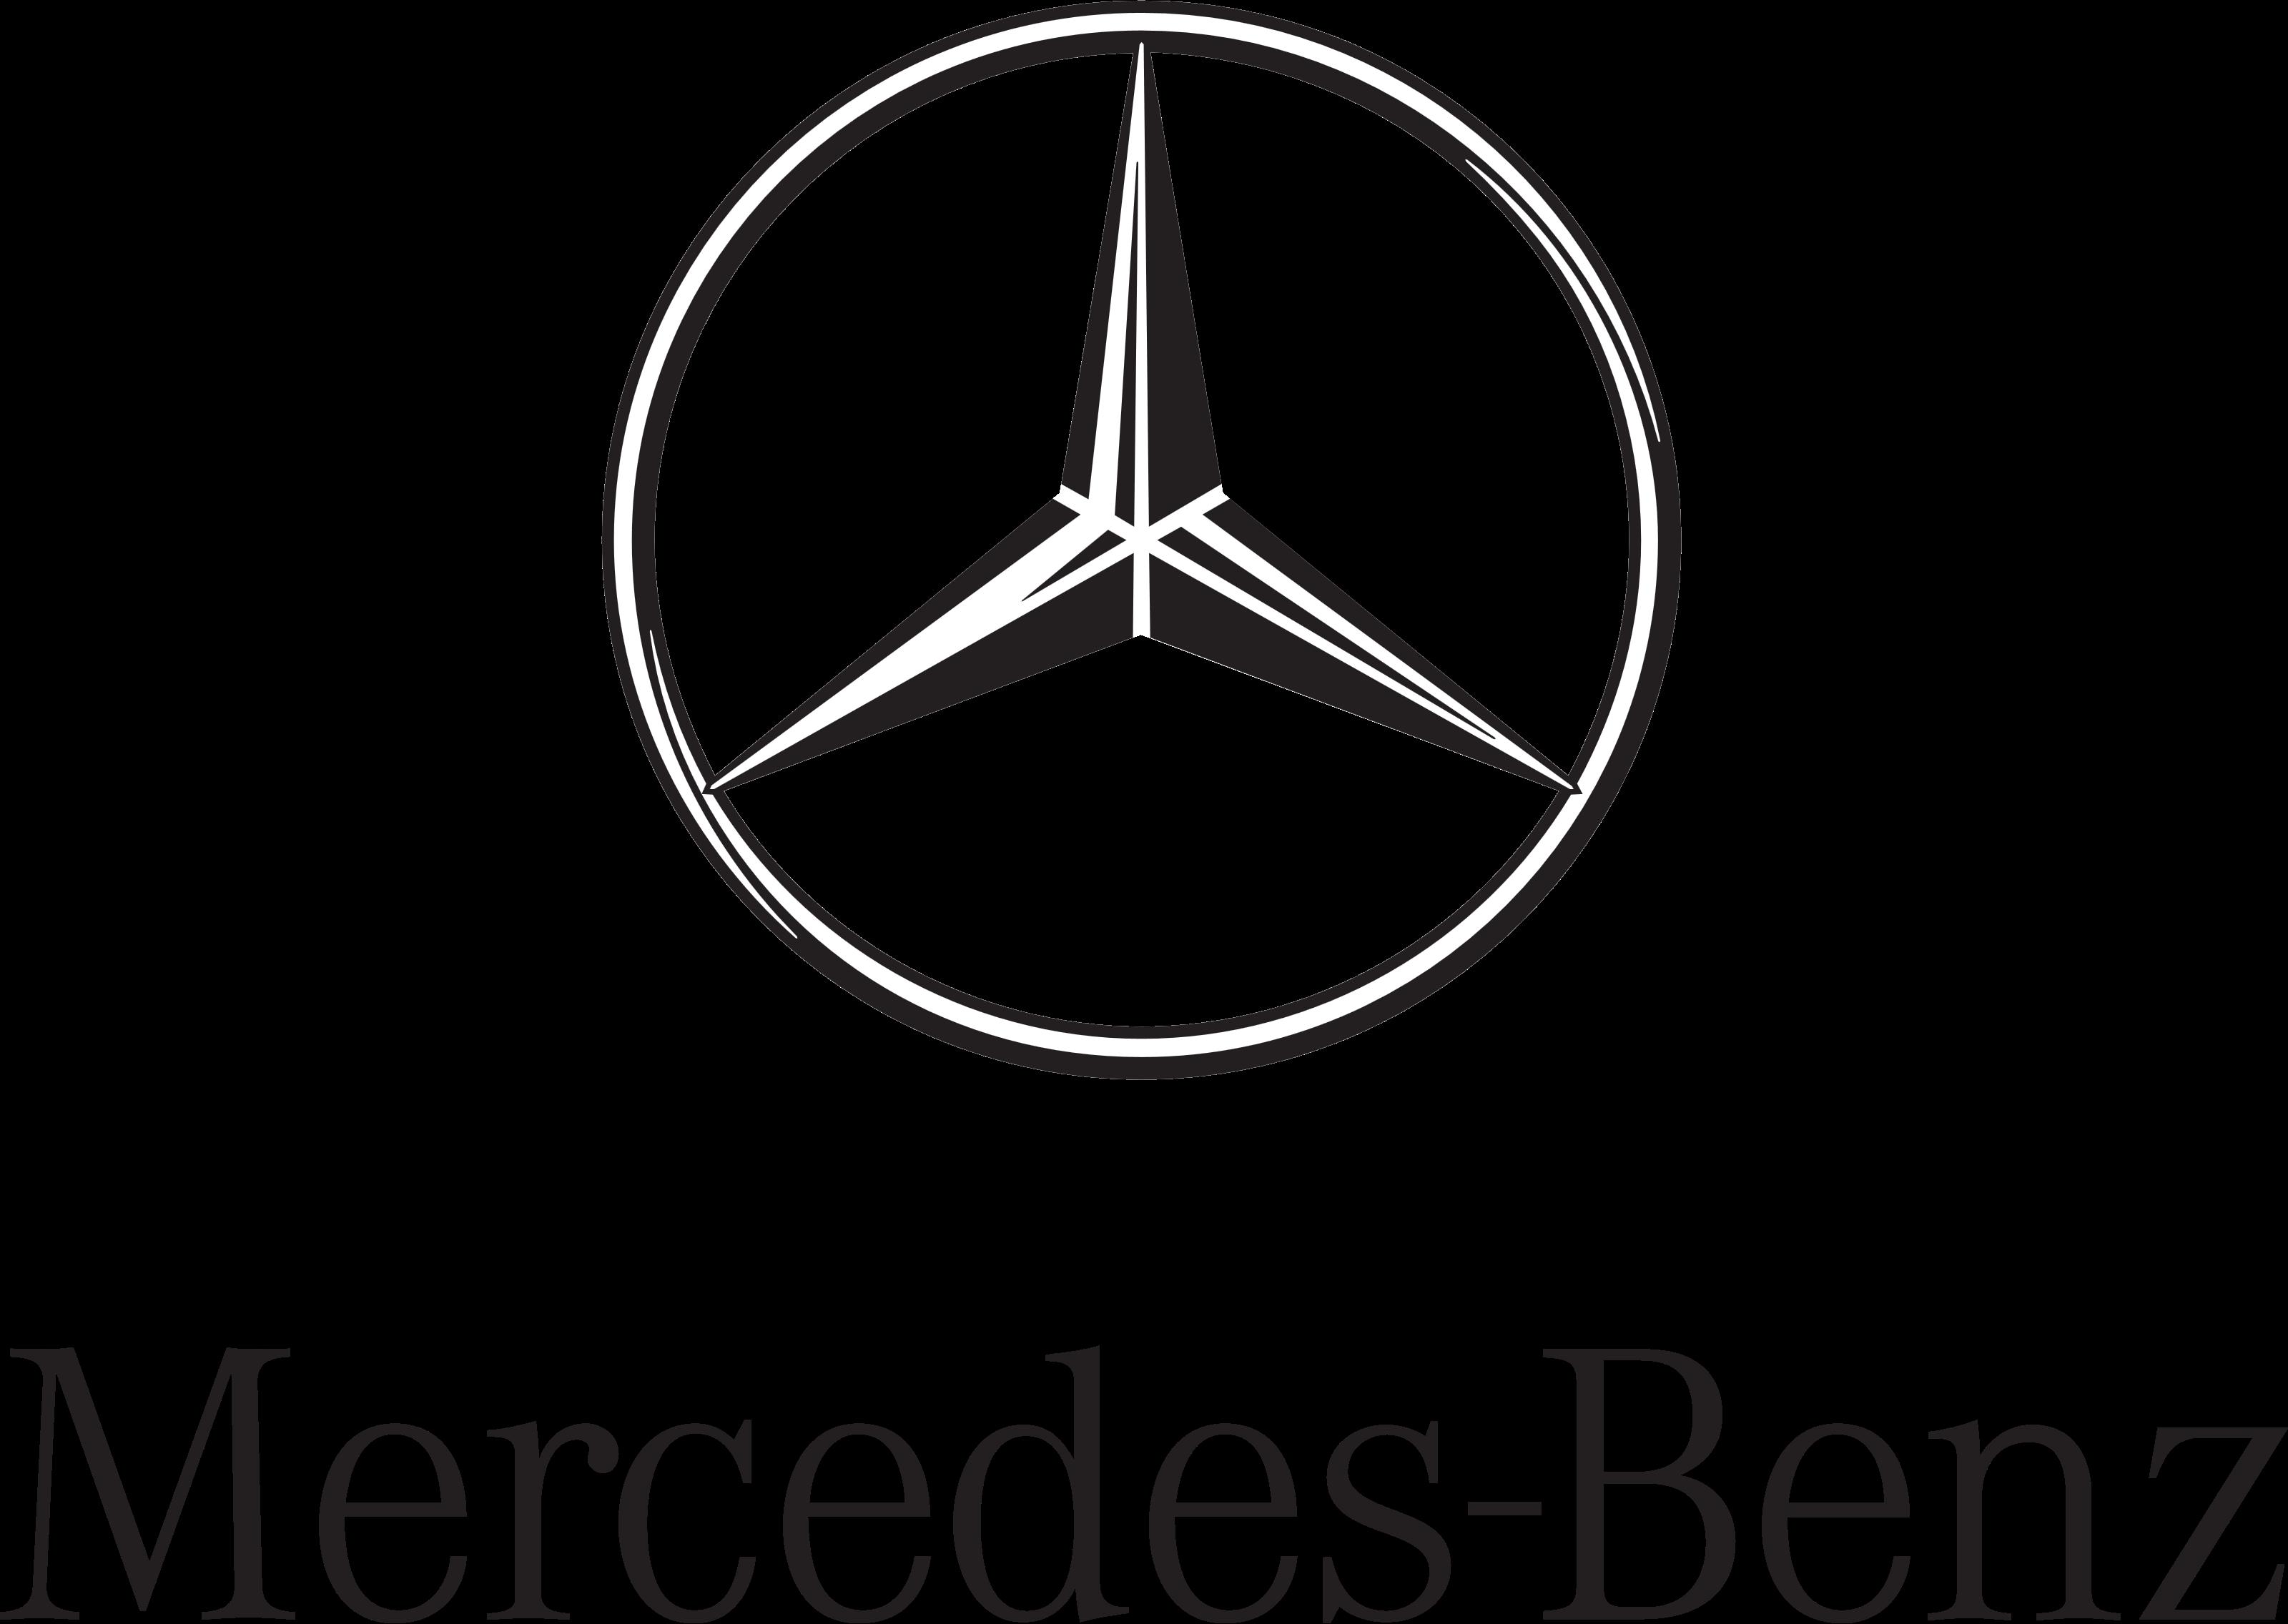 مرسيدس Mercedes Benz